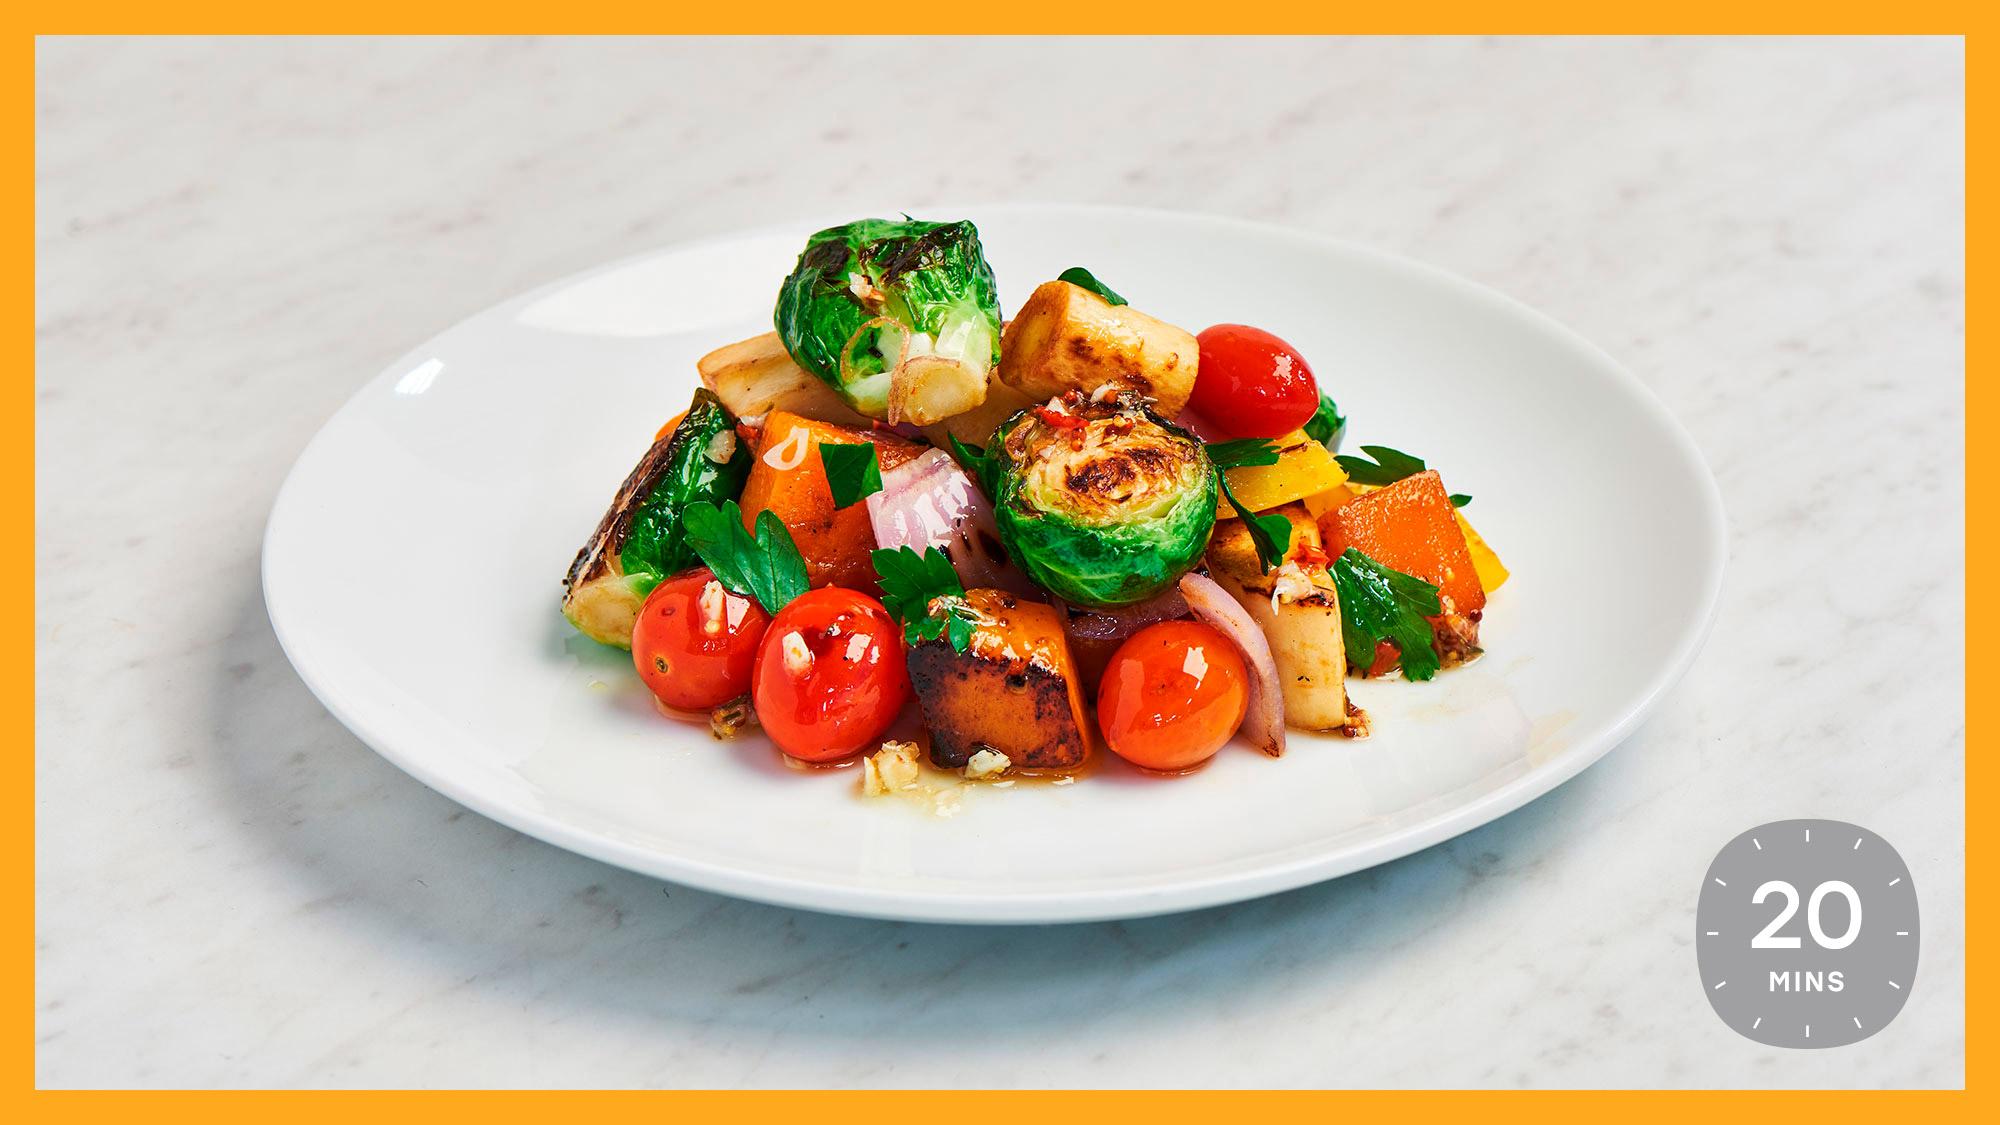 Sheet-Pan-Roasted-Vegetables.jpg